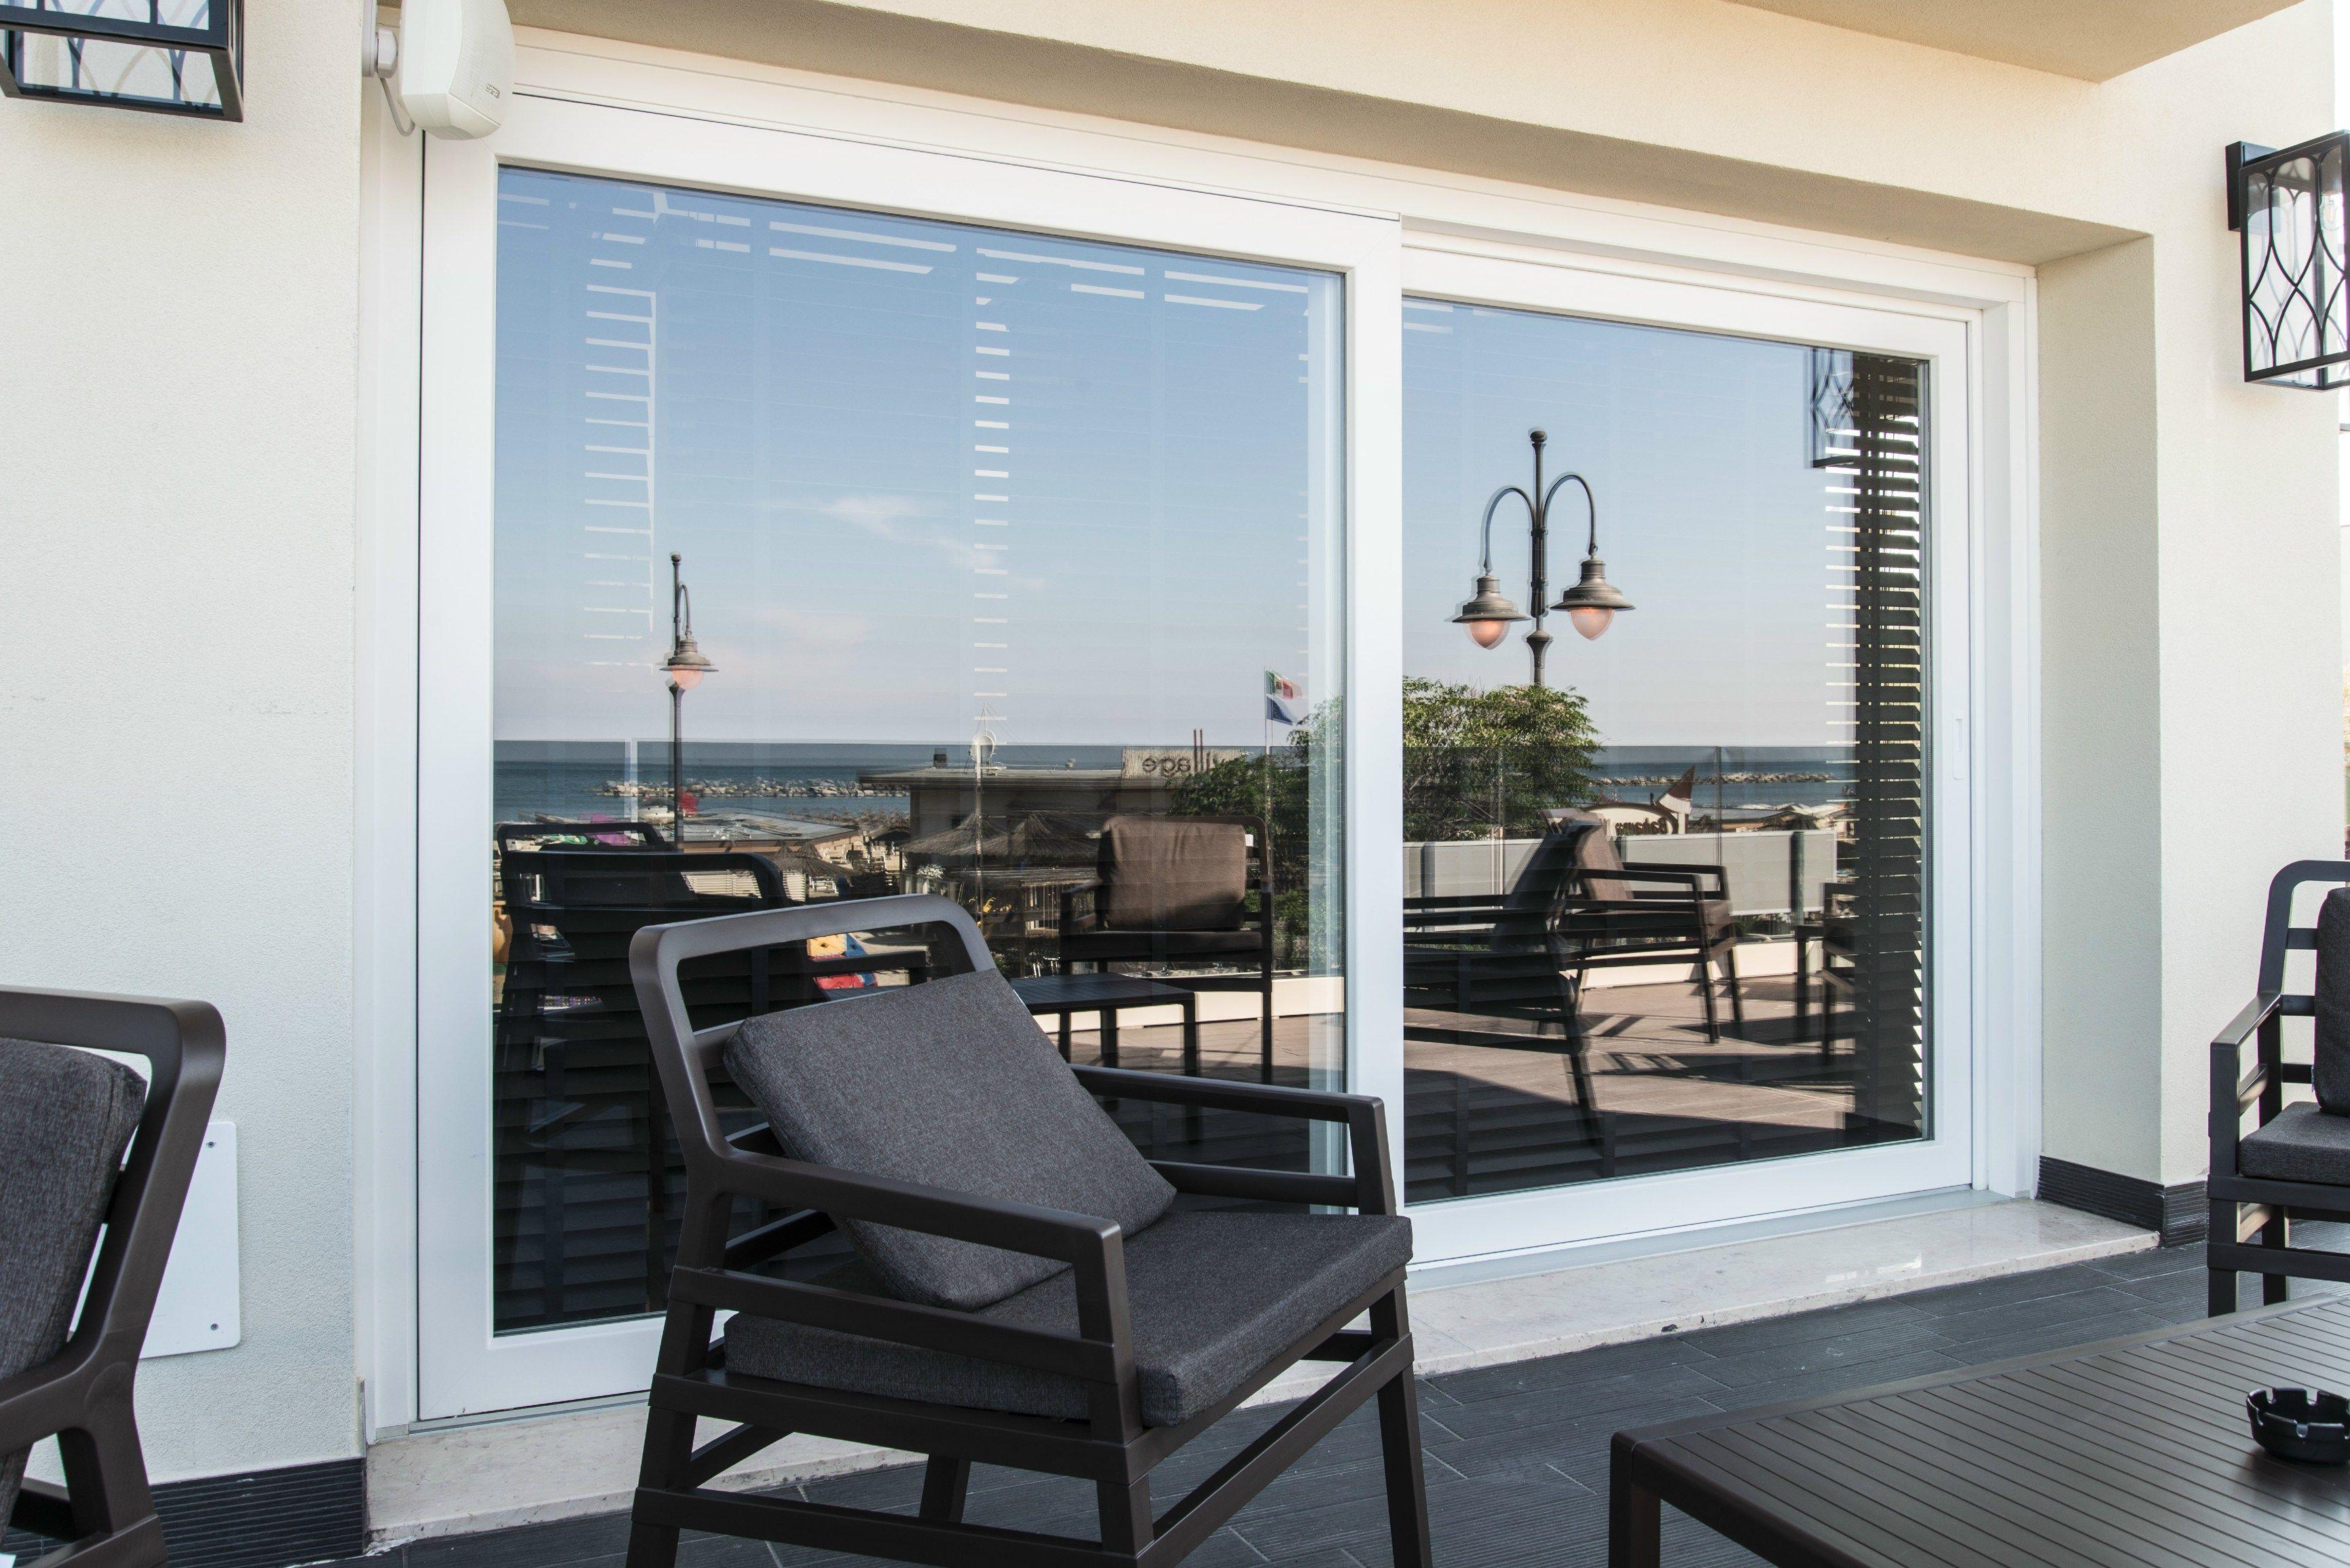 ventanas pvc deceuninck ventanas pvc deceuninck. Black Bedroom Furniture Sets. Home Design Ideas